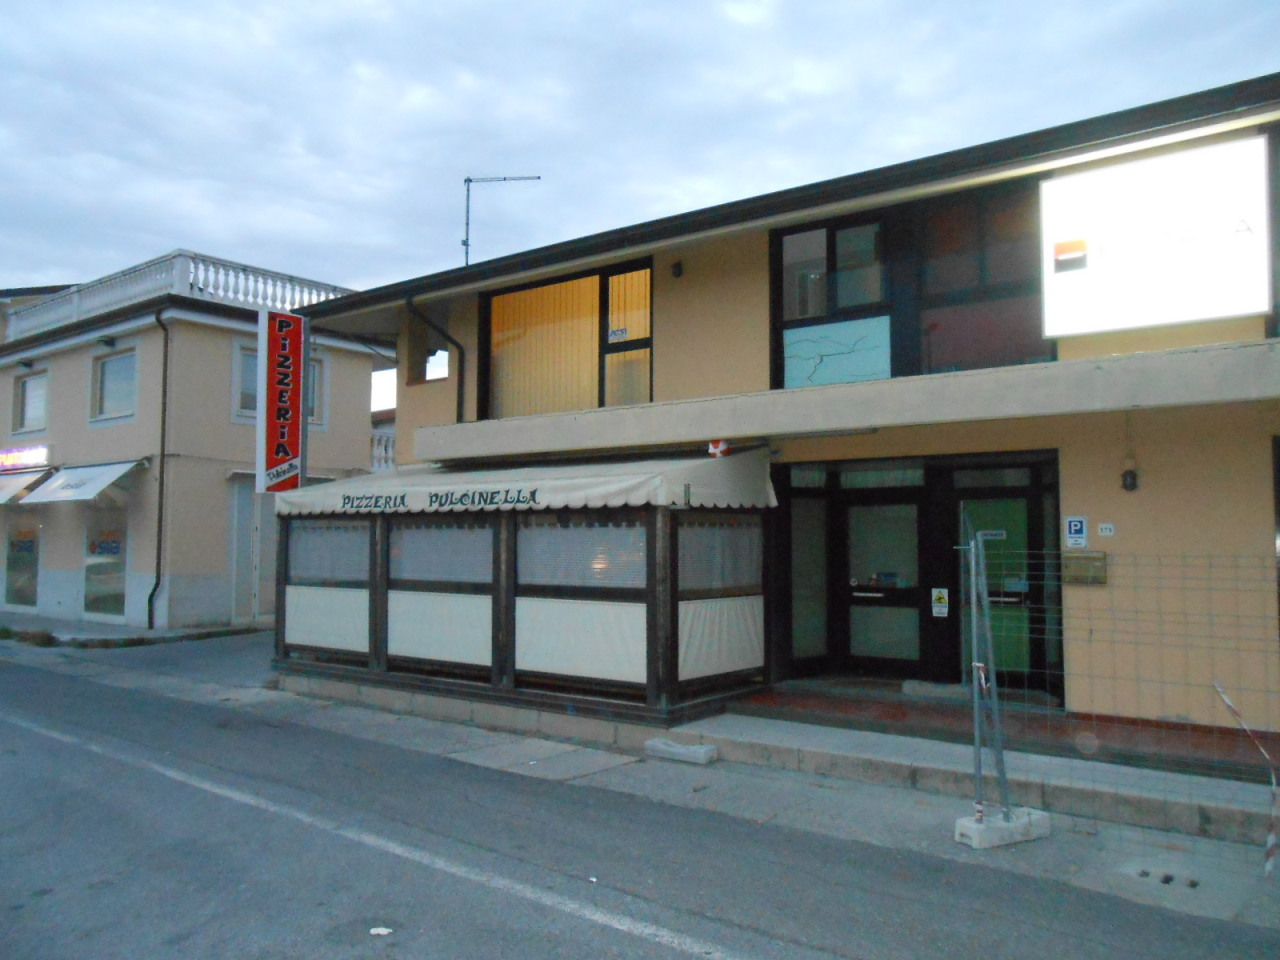 Ristorante / Pizzeria / Trattoria in vendita a Camaiore, 2 locali, prezzo € 65.000 | CambioCasa.it